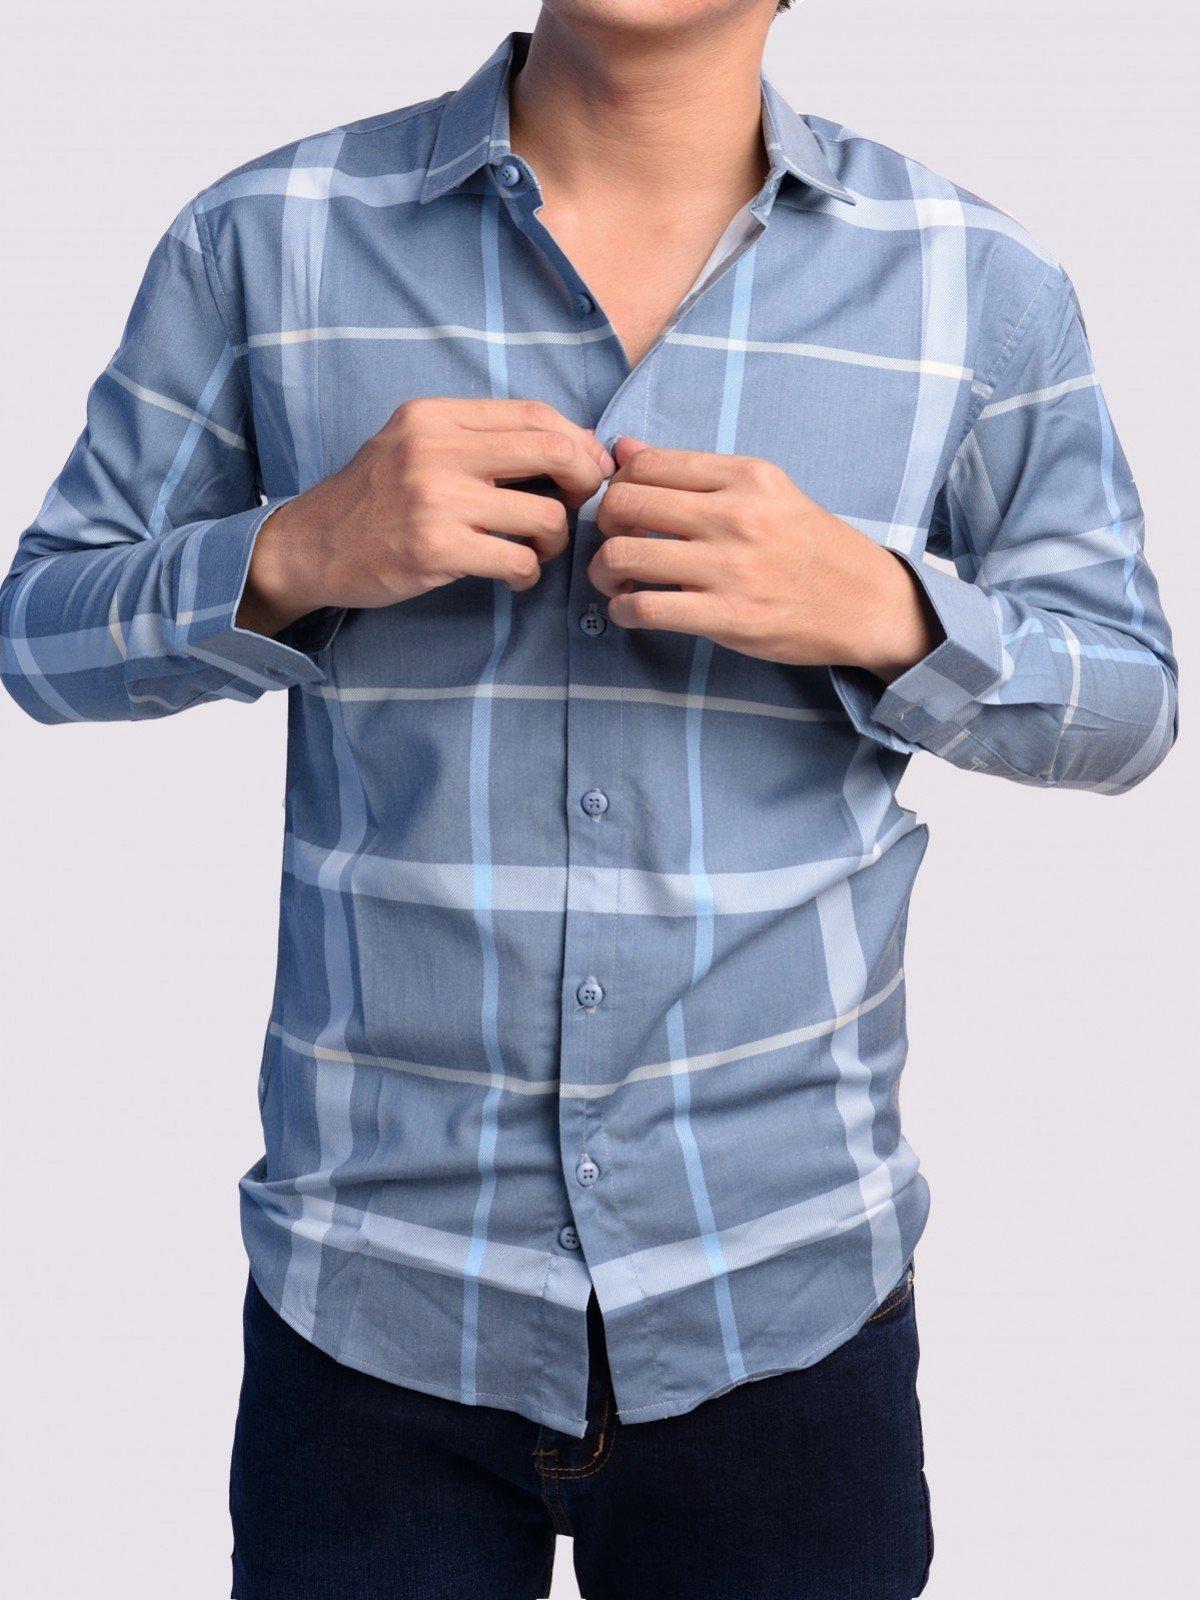 Kết hợp quần jean tối màu với áo sơ mi sáng màu - quy tắc bất di bất dịch